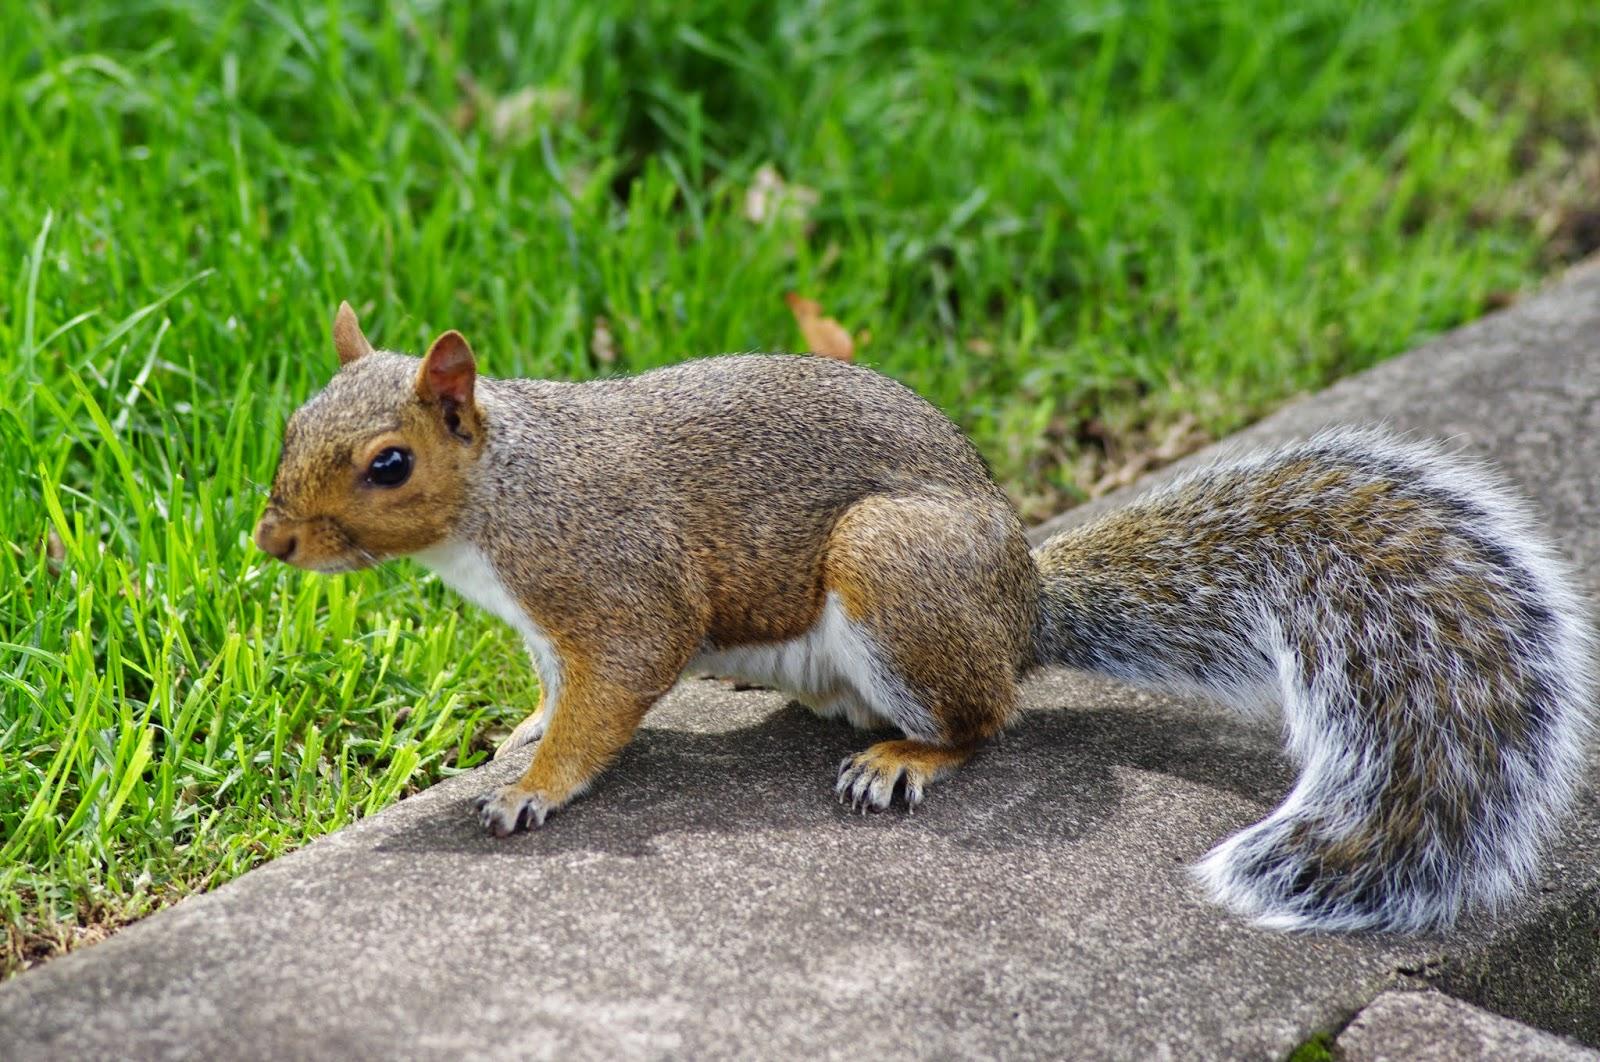 robbies tierbilder eichh rnchen squirrels. Black Bedroom Furniture Sets. Home Design Ideas